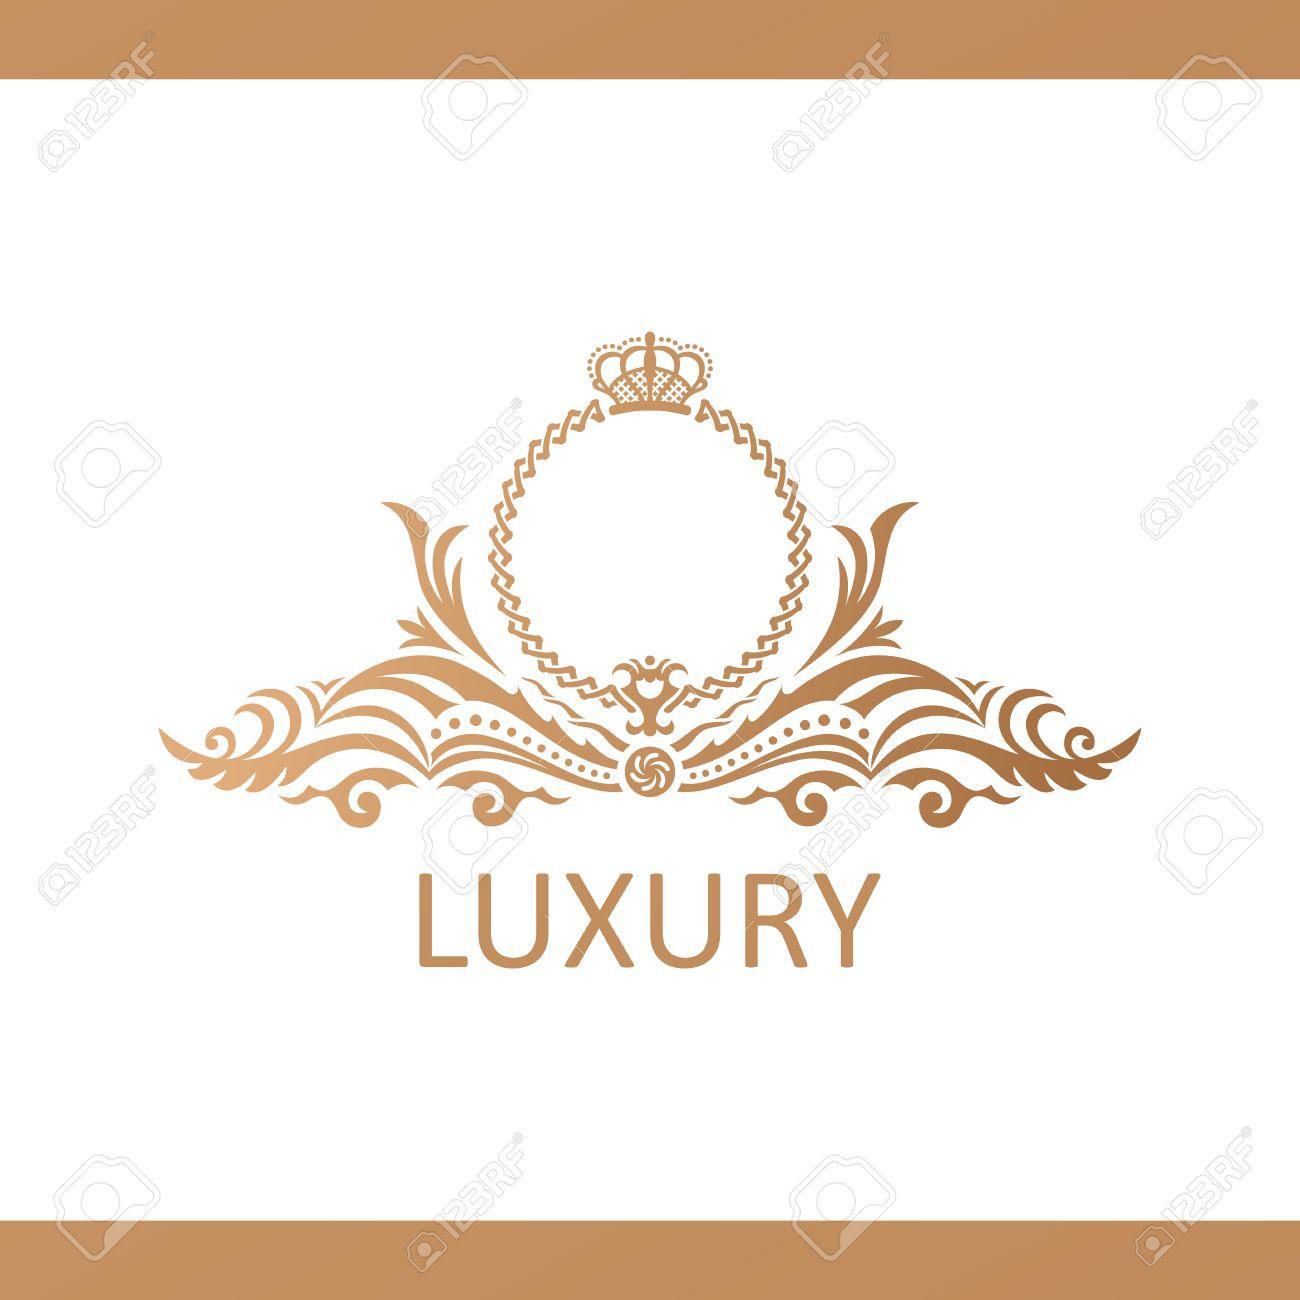 Calligraphic luxury line logo template flourishes calligraphic calligraphic luxury line logo template flourishes calligraphic elegant emblem royal logo design gold stopboris Images